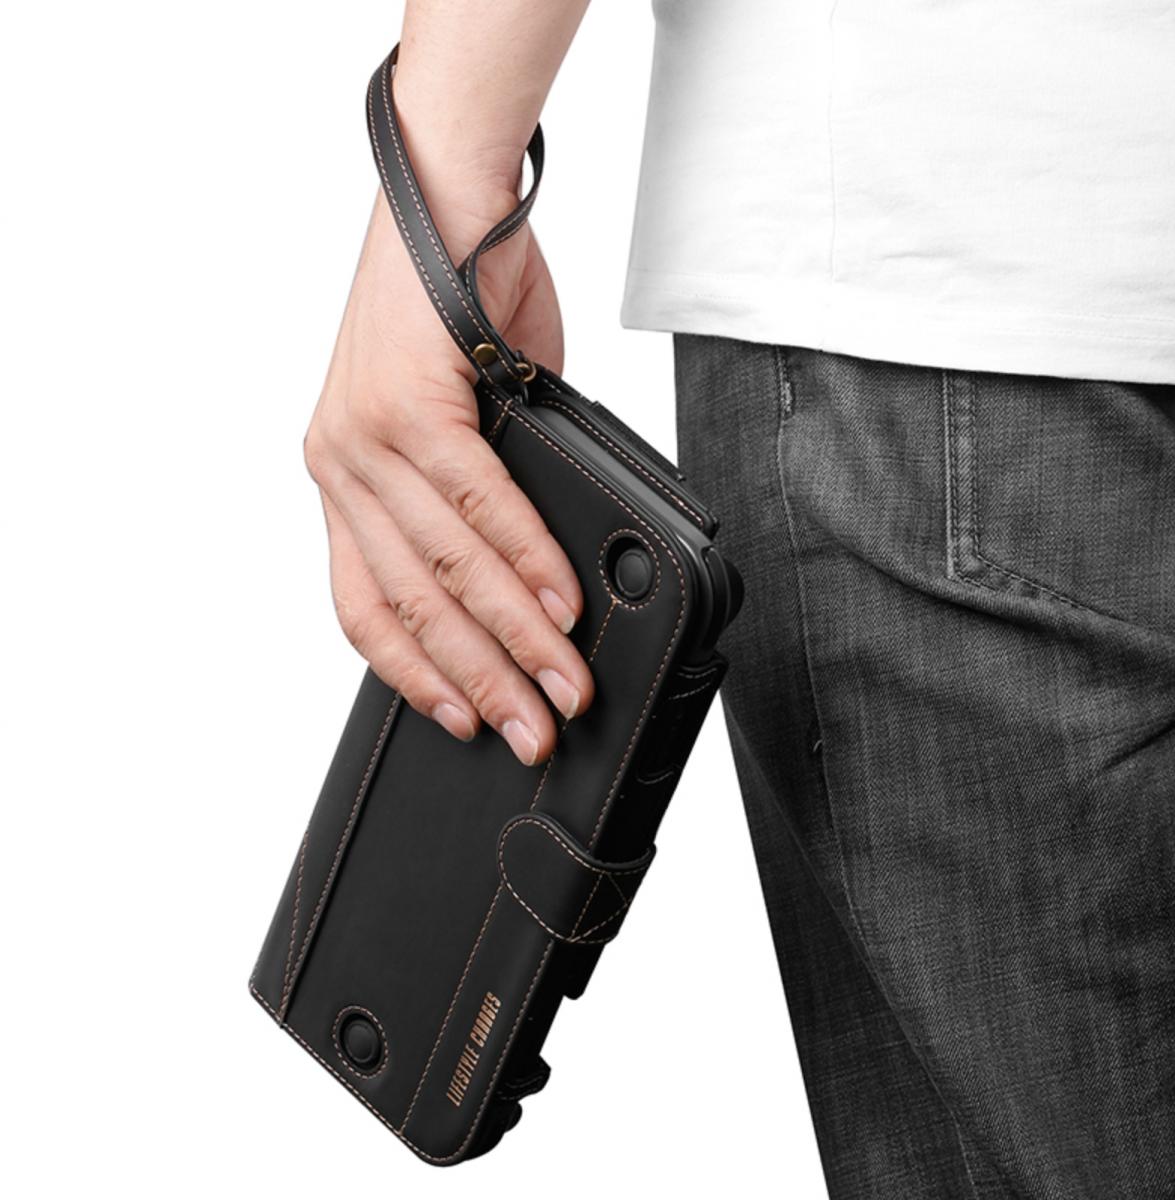 Черный кожаный чехол - подставка Nintendo Switch. Купить чехол для нинтендо свитч. Лучший чехол.